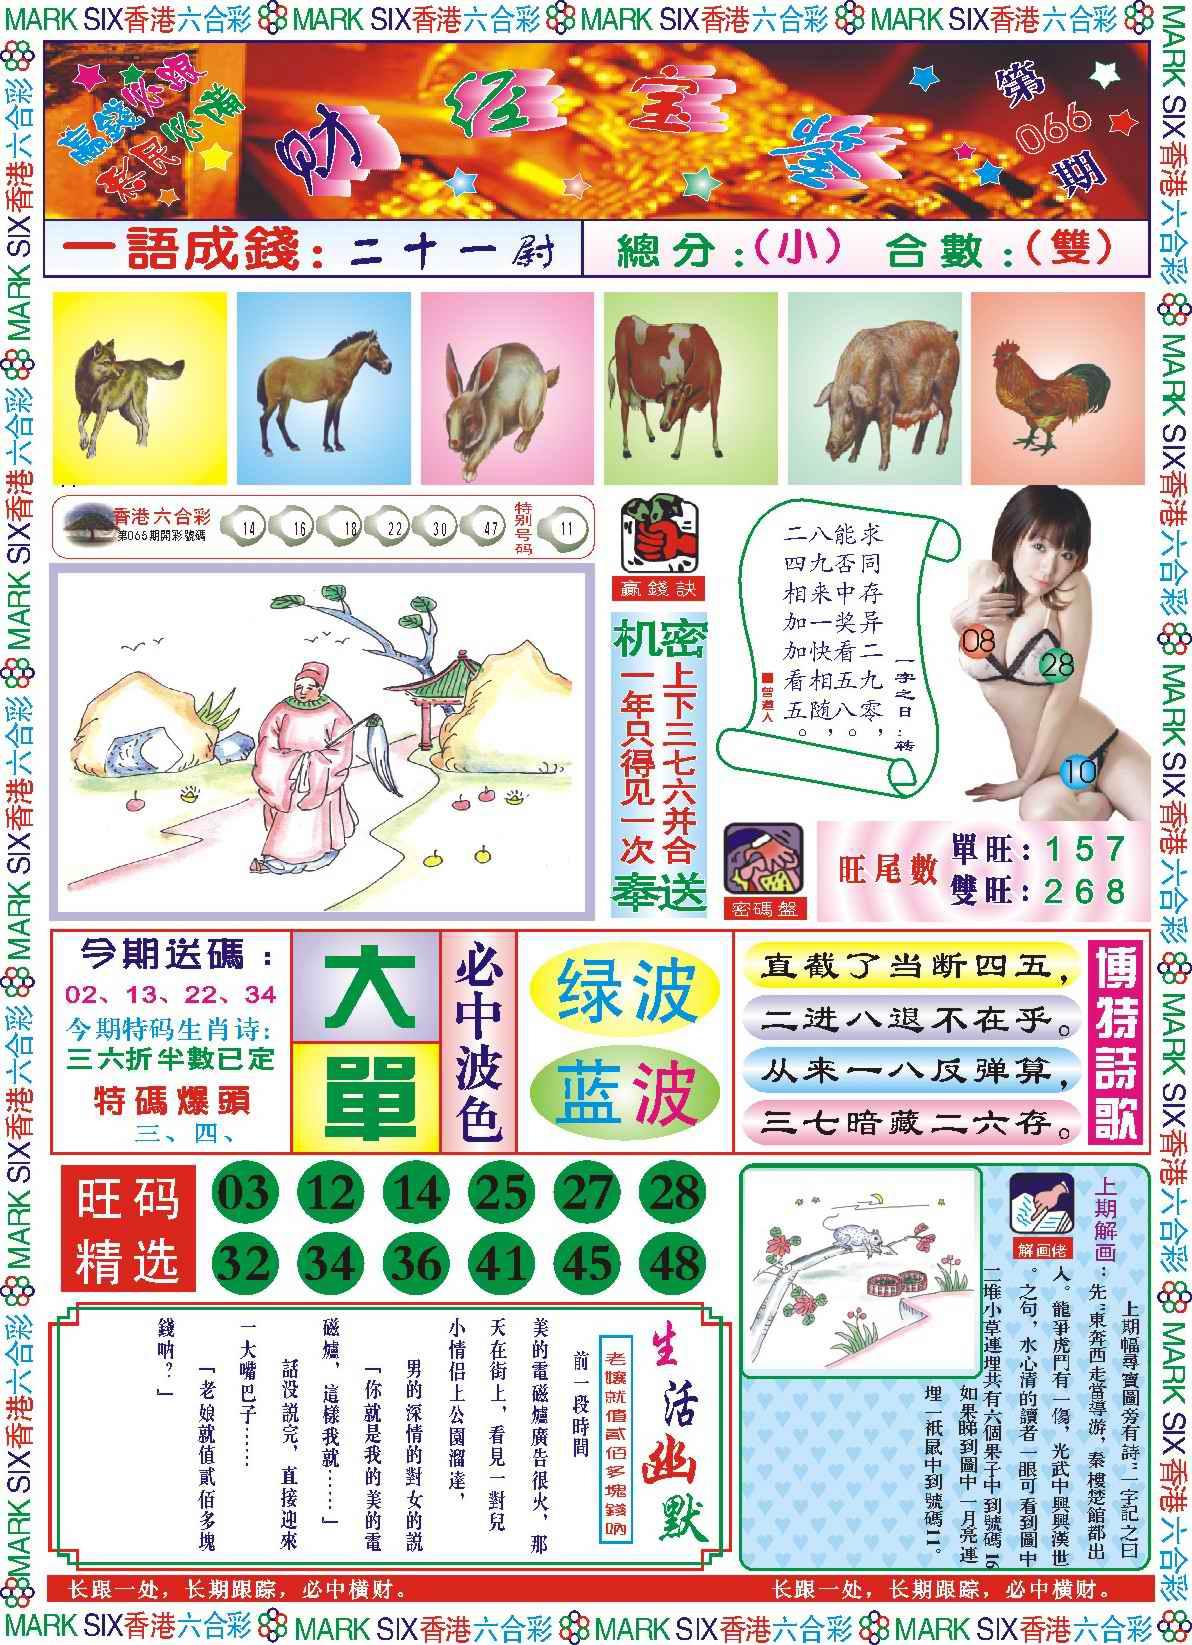 066期118财经宝鉴(新图)